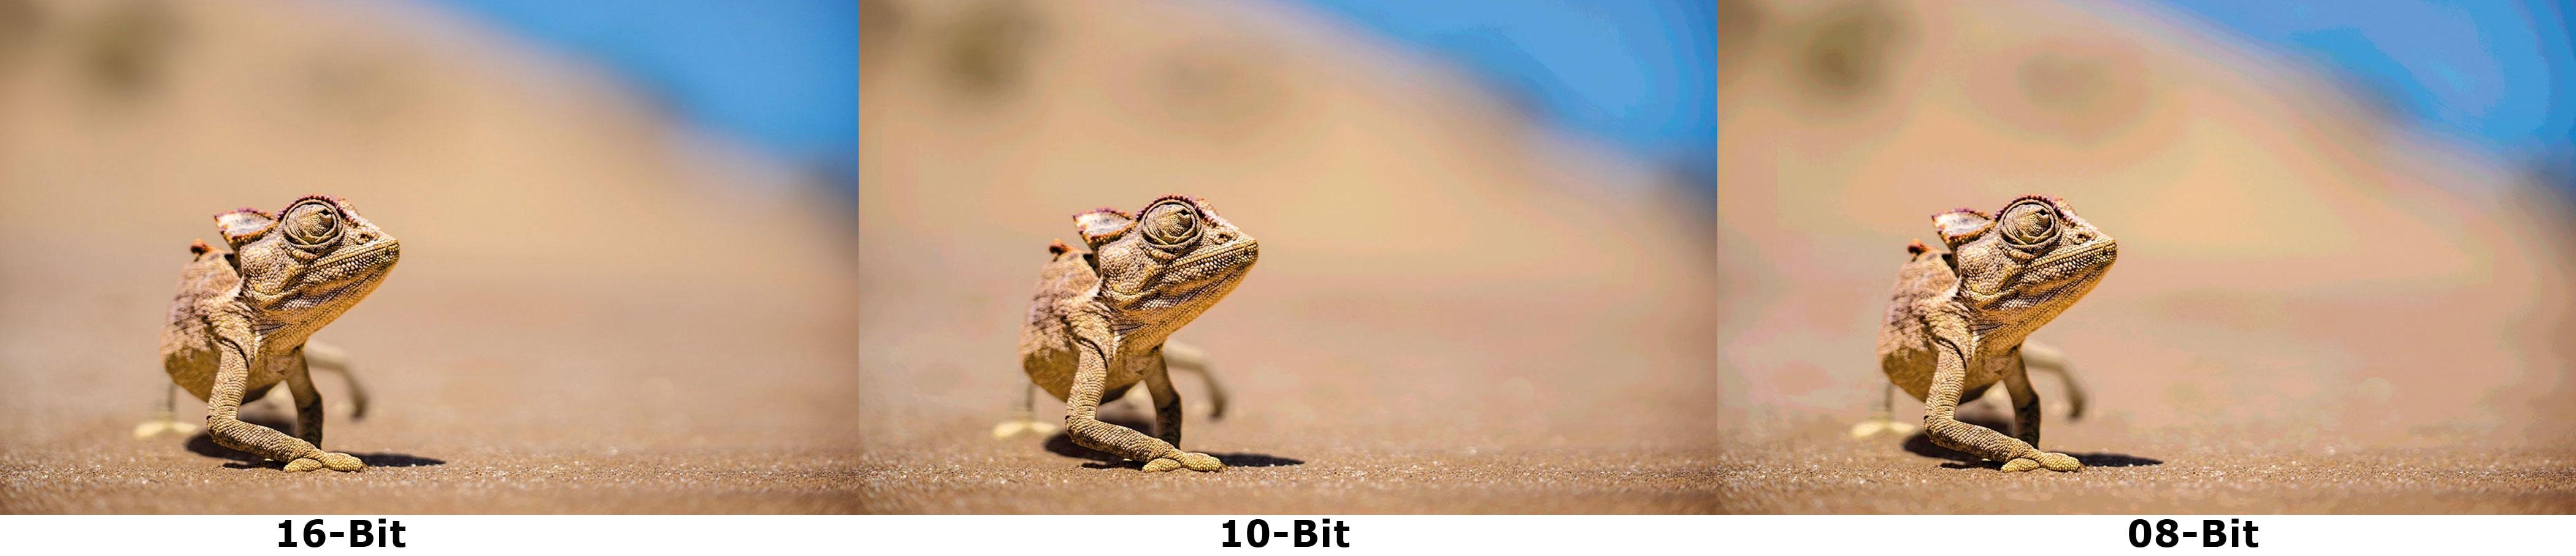 Sanfte Übergänge und Verläufe dank 16-Bit-LUT und 10-Bit-Modus